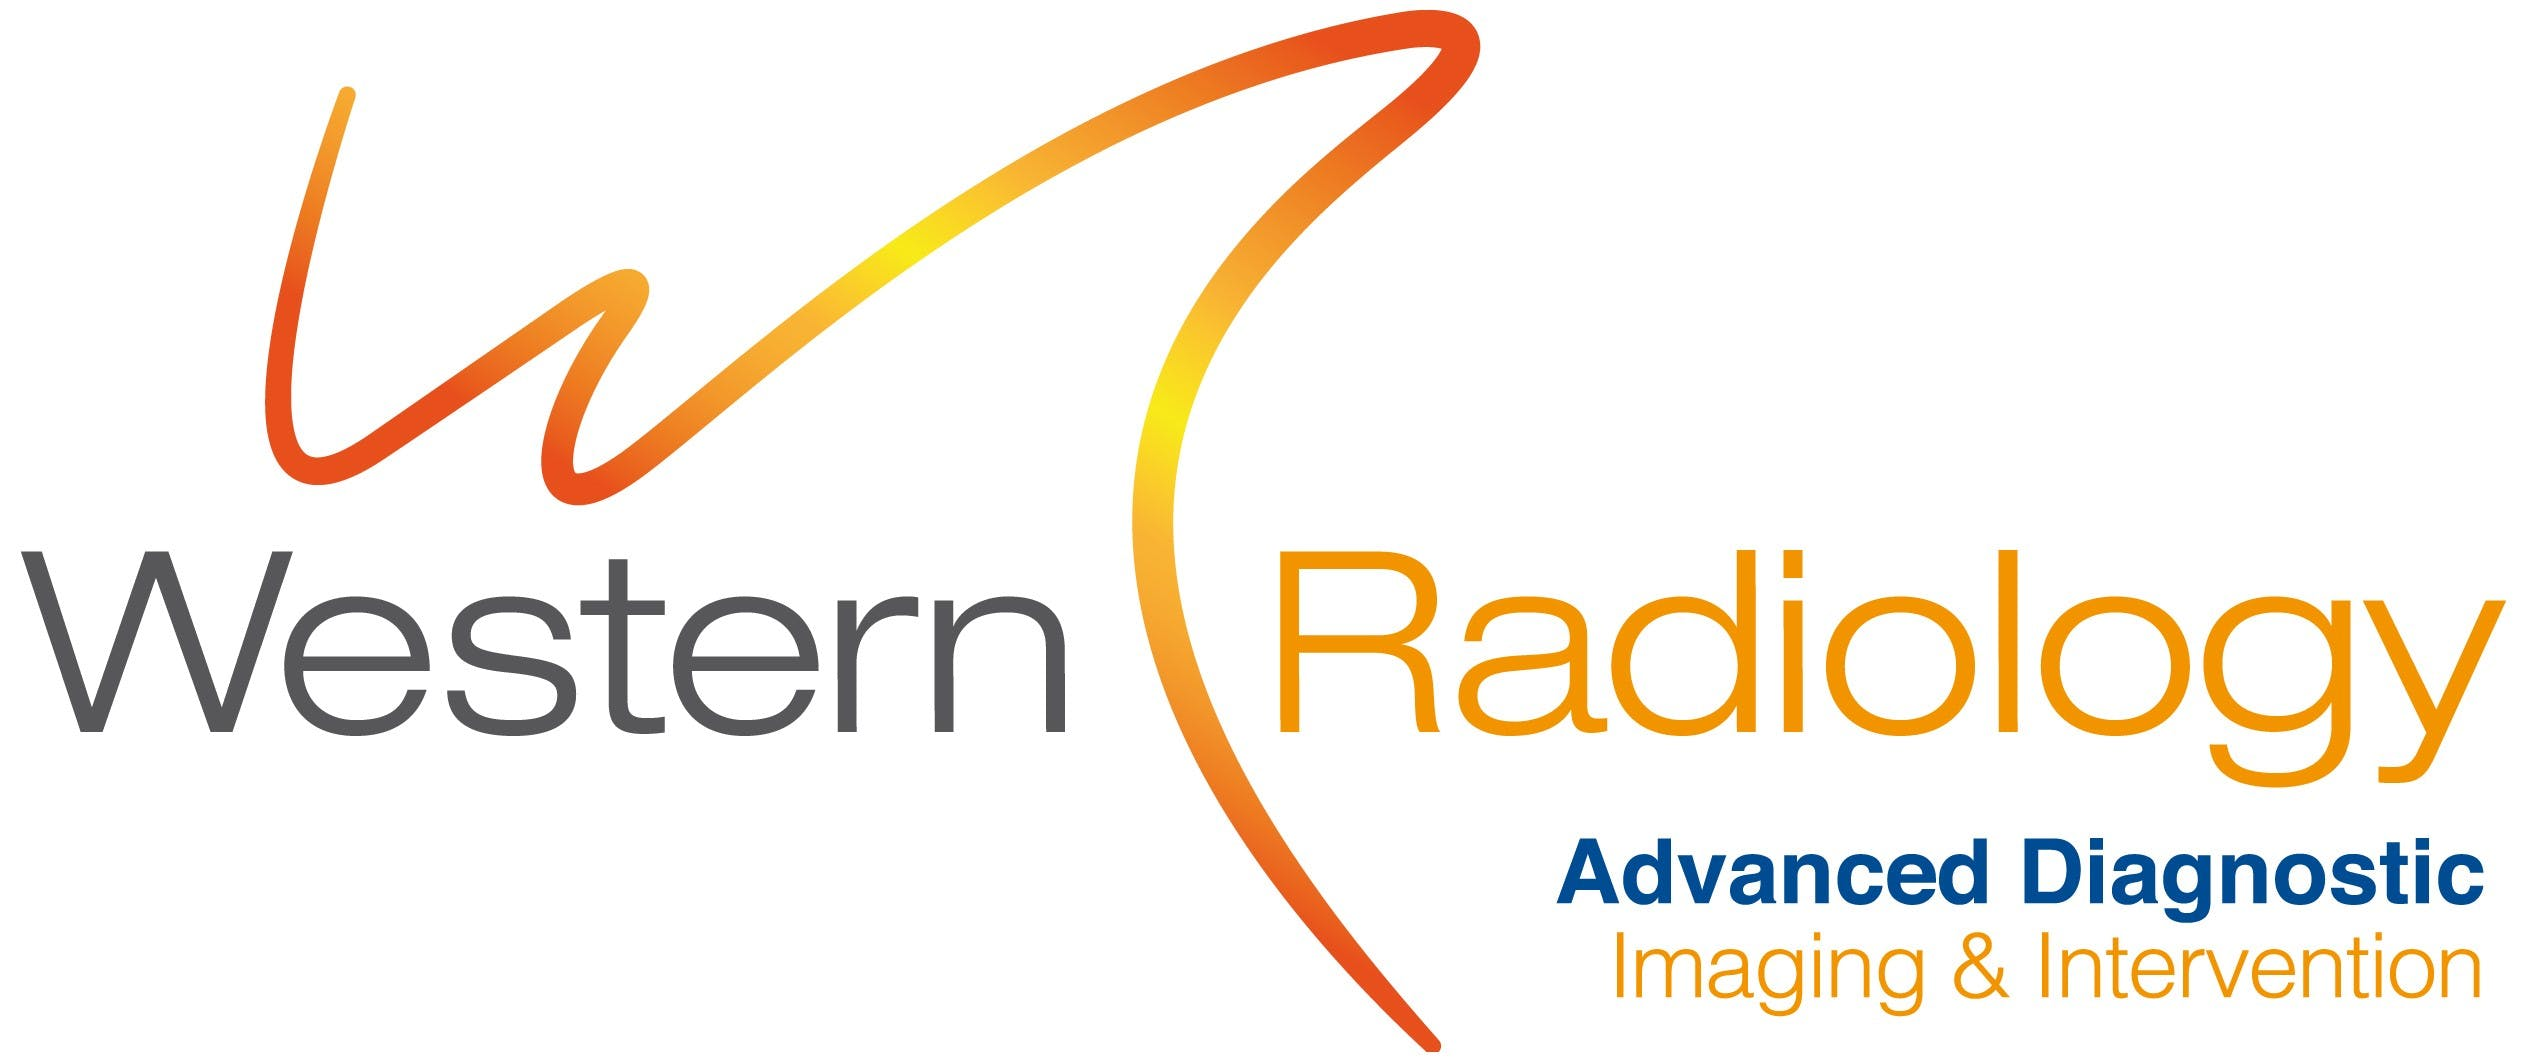 Western Radiology Logo